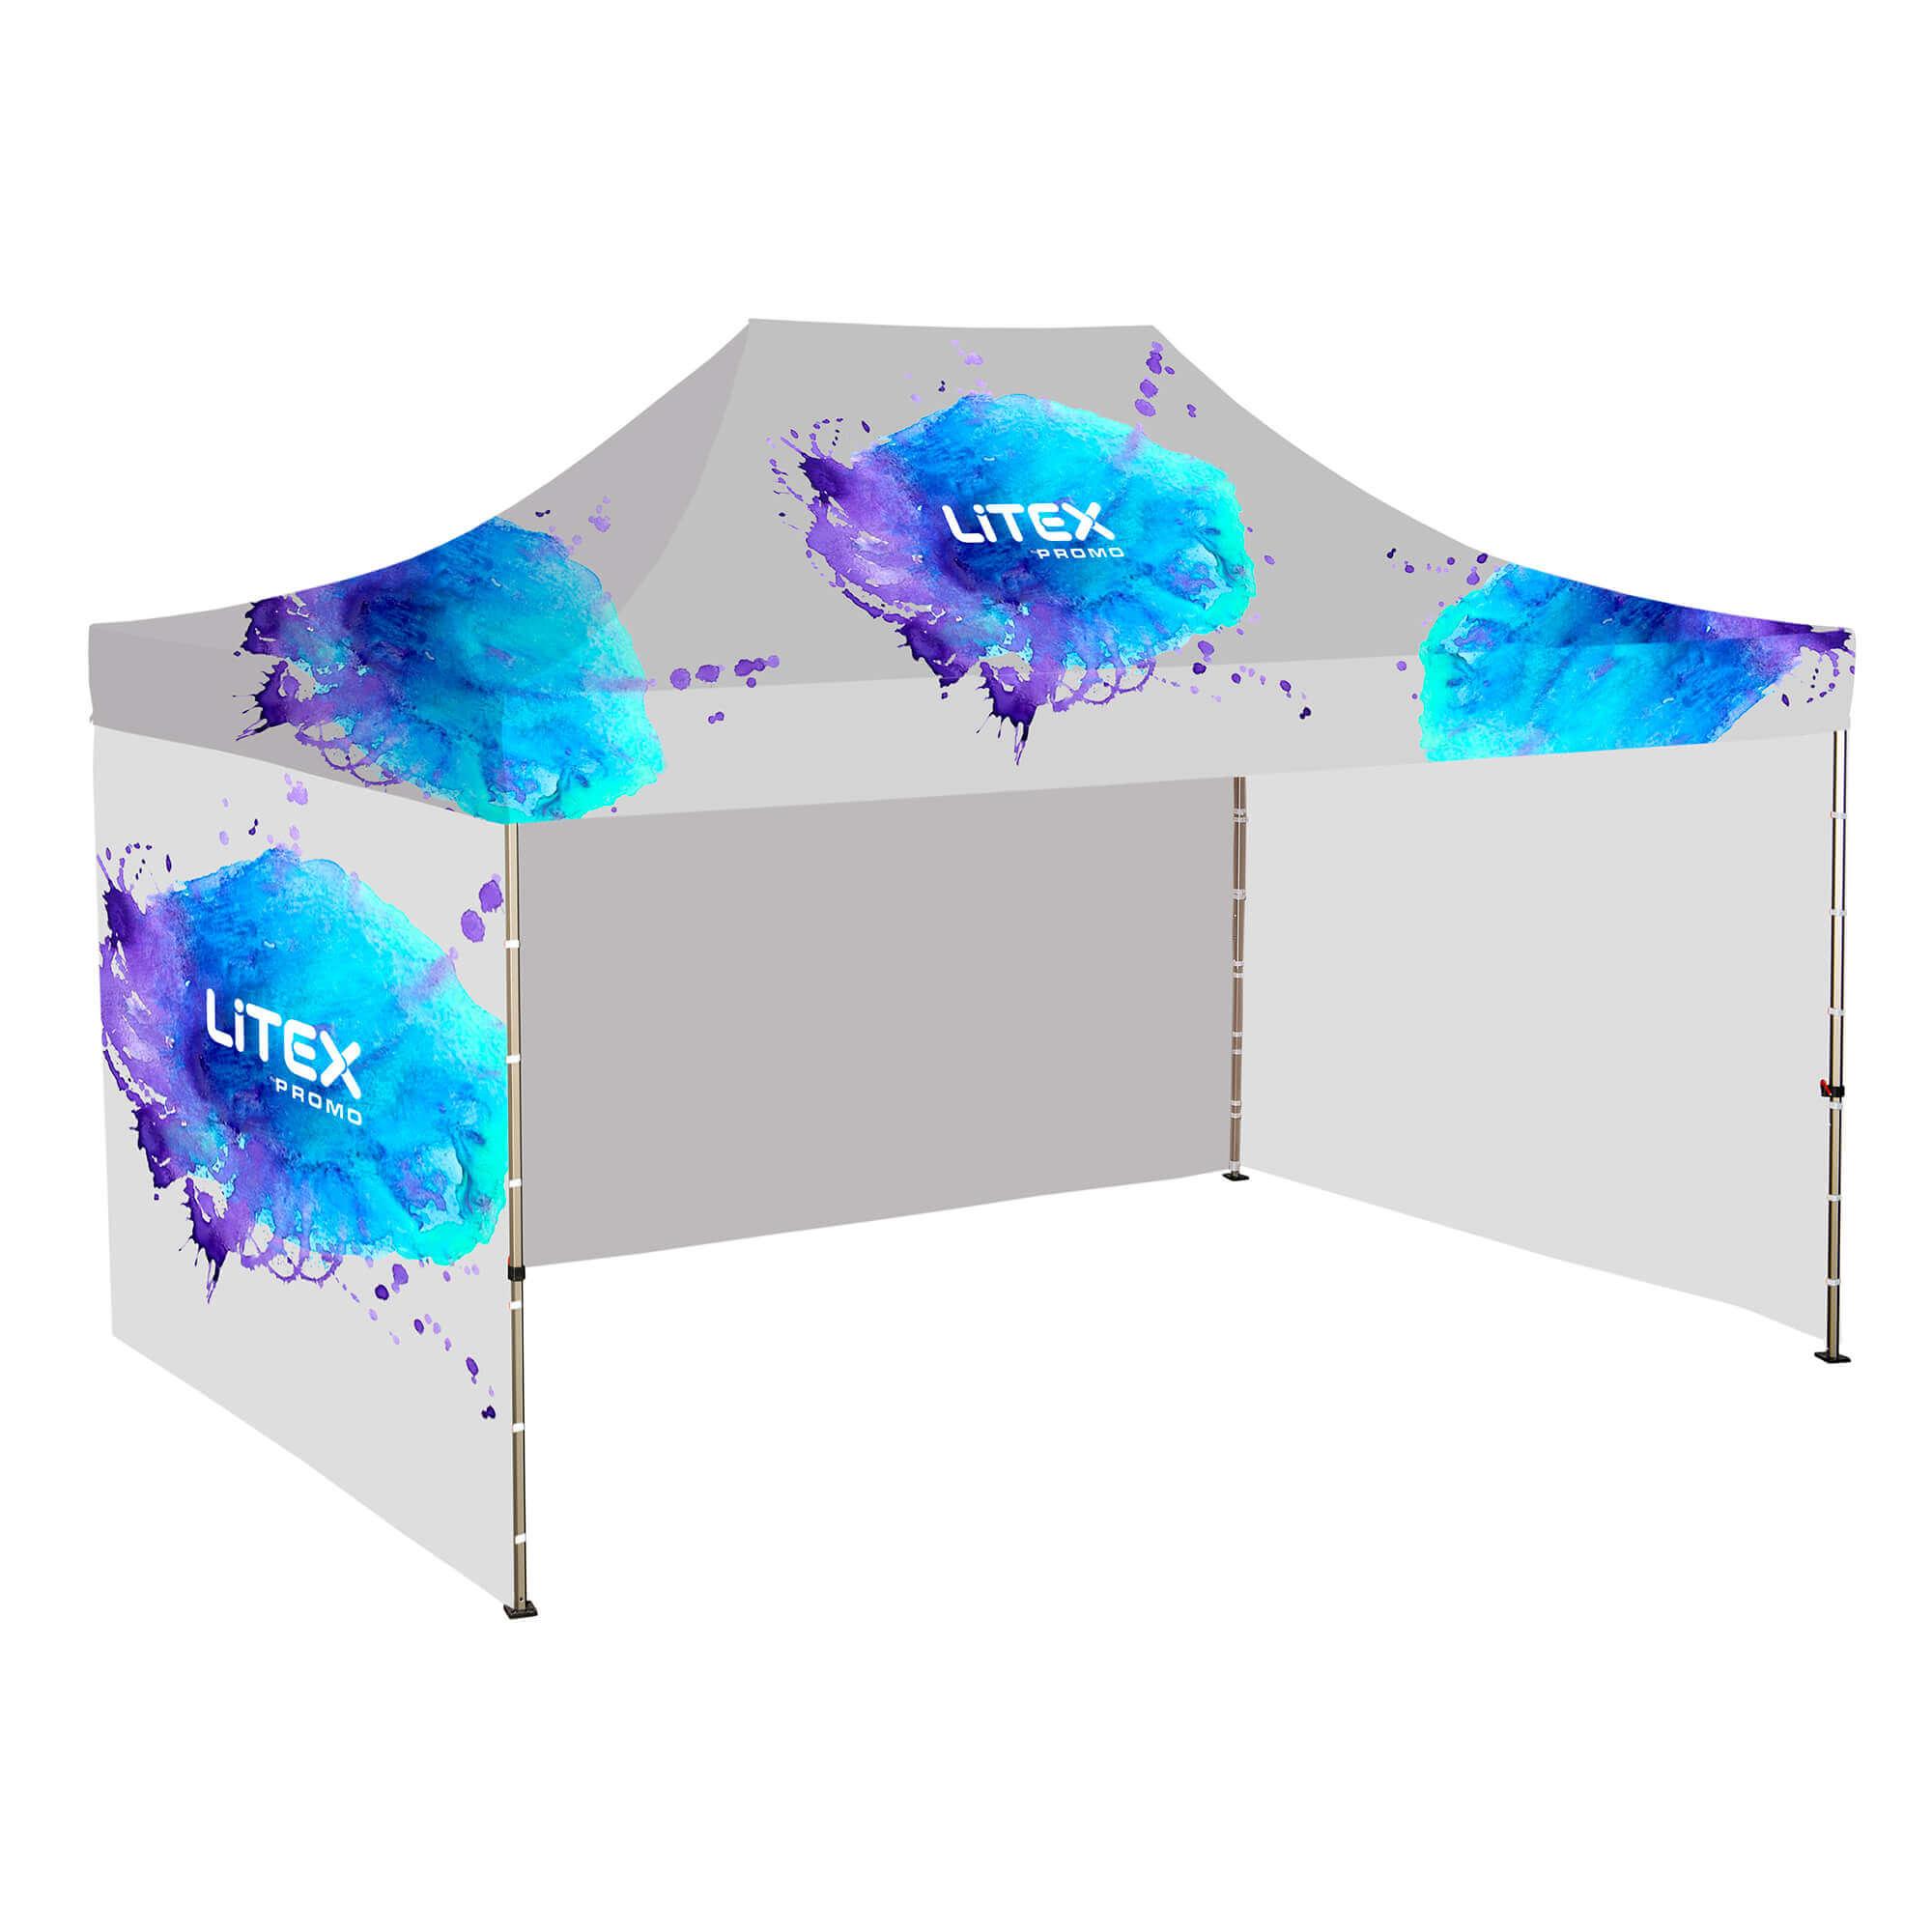 2. Namiot Szybkorozkładalny 3 x 4,5 m - ze ścianami